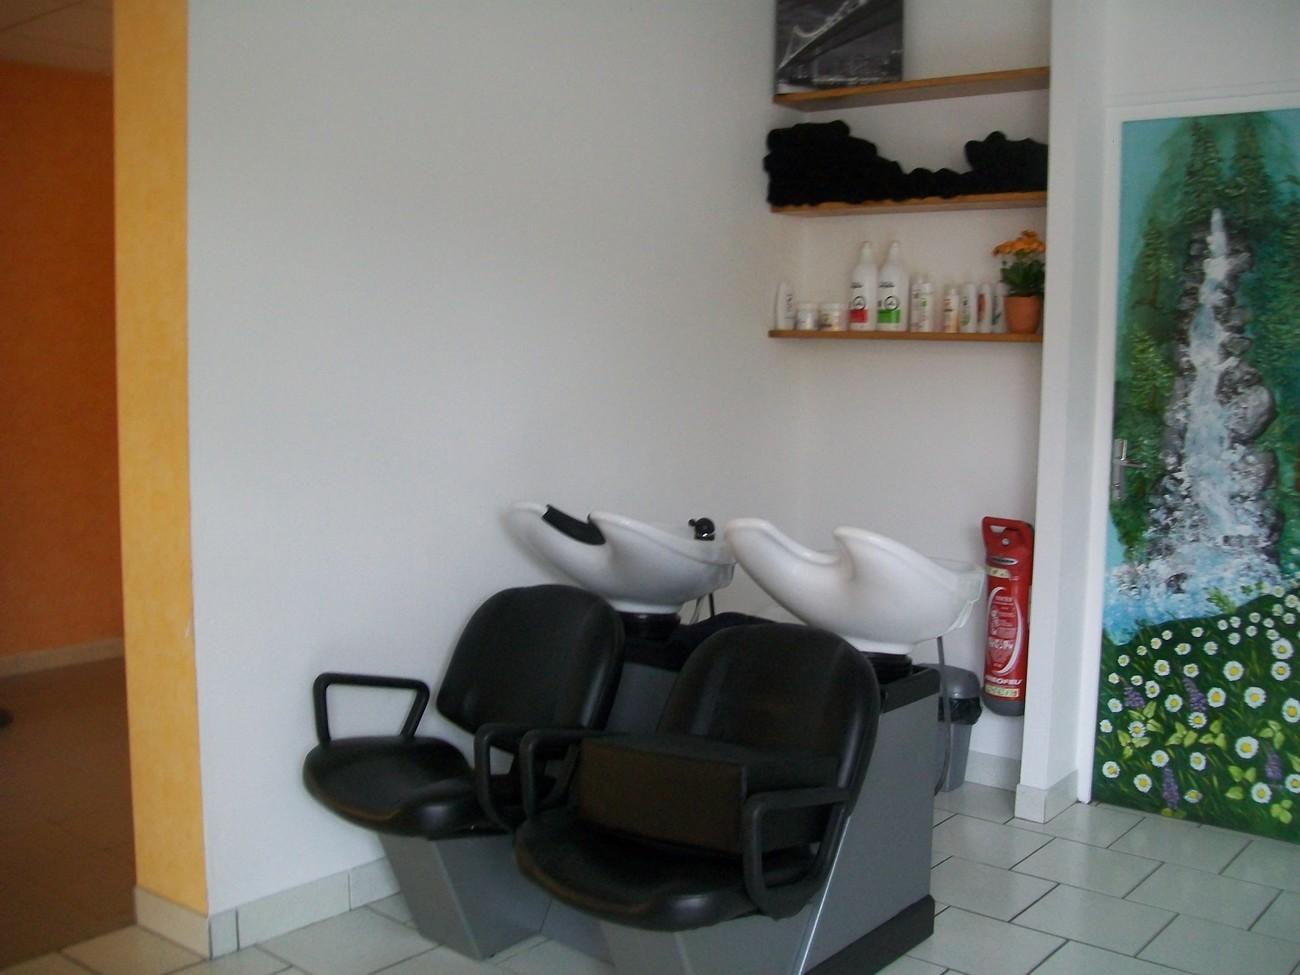 Vouzan a son salon de coiffure l 39 coiff et d coiff sa for Interieur salon de coiffure